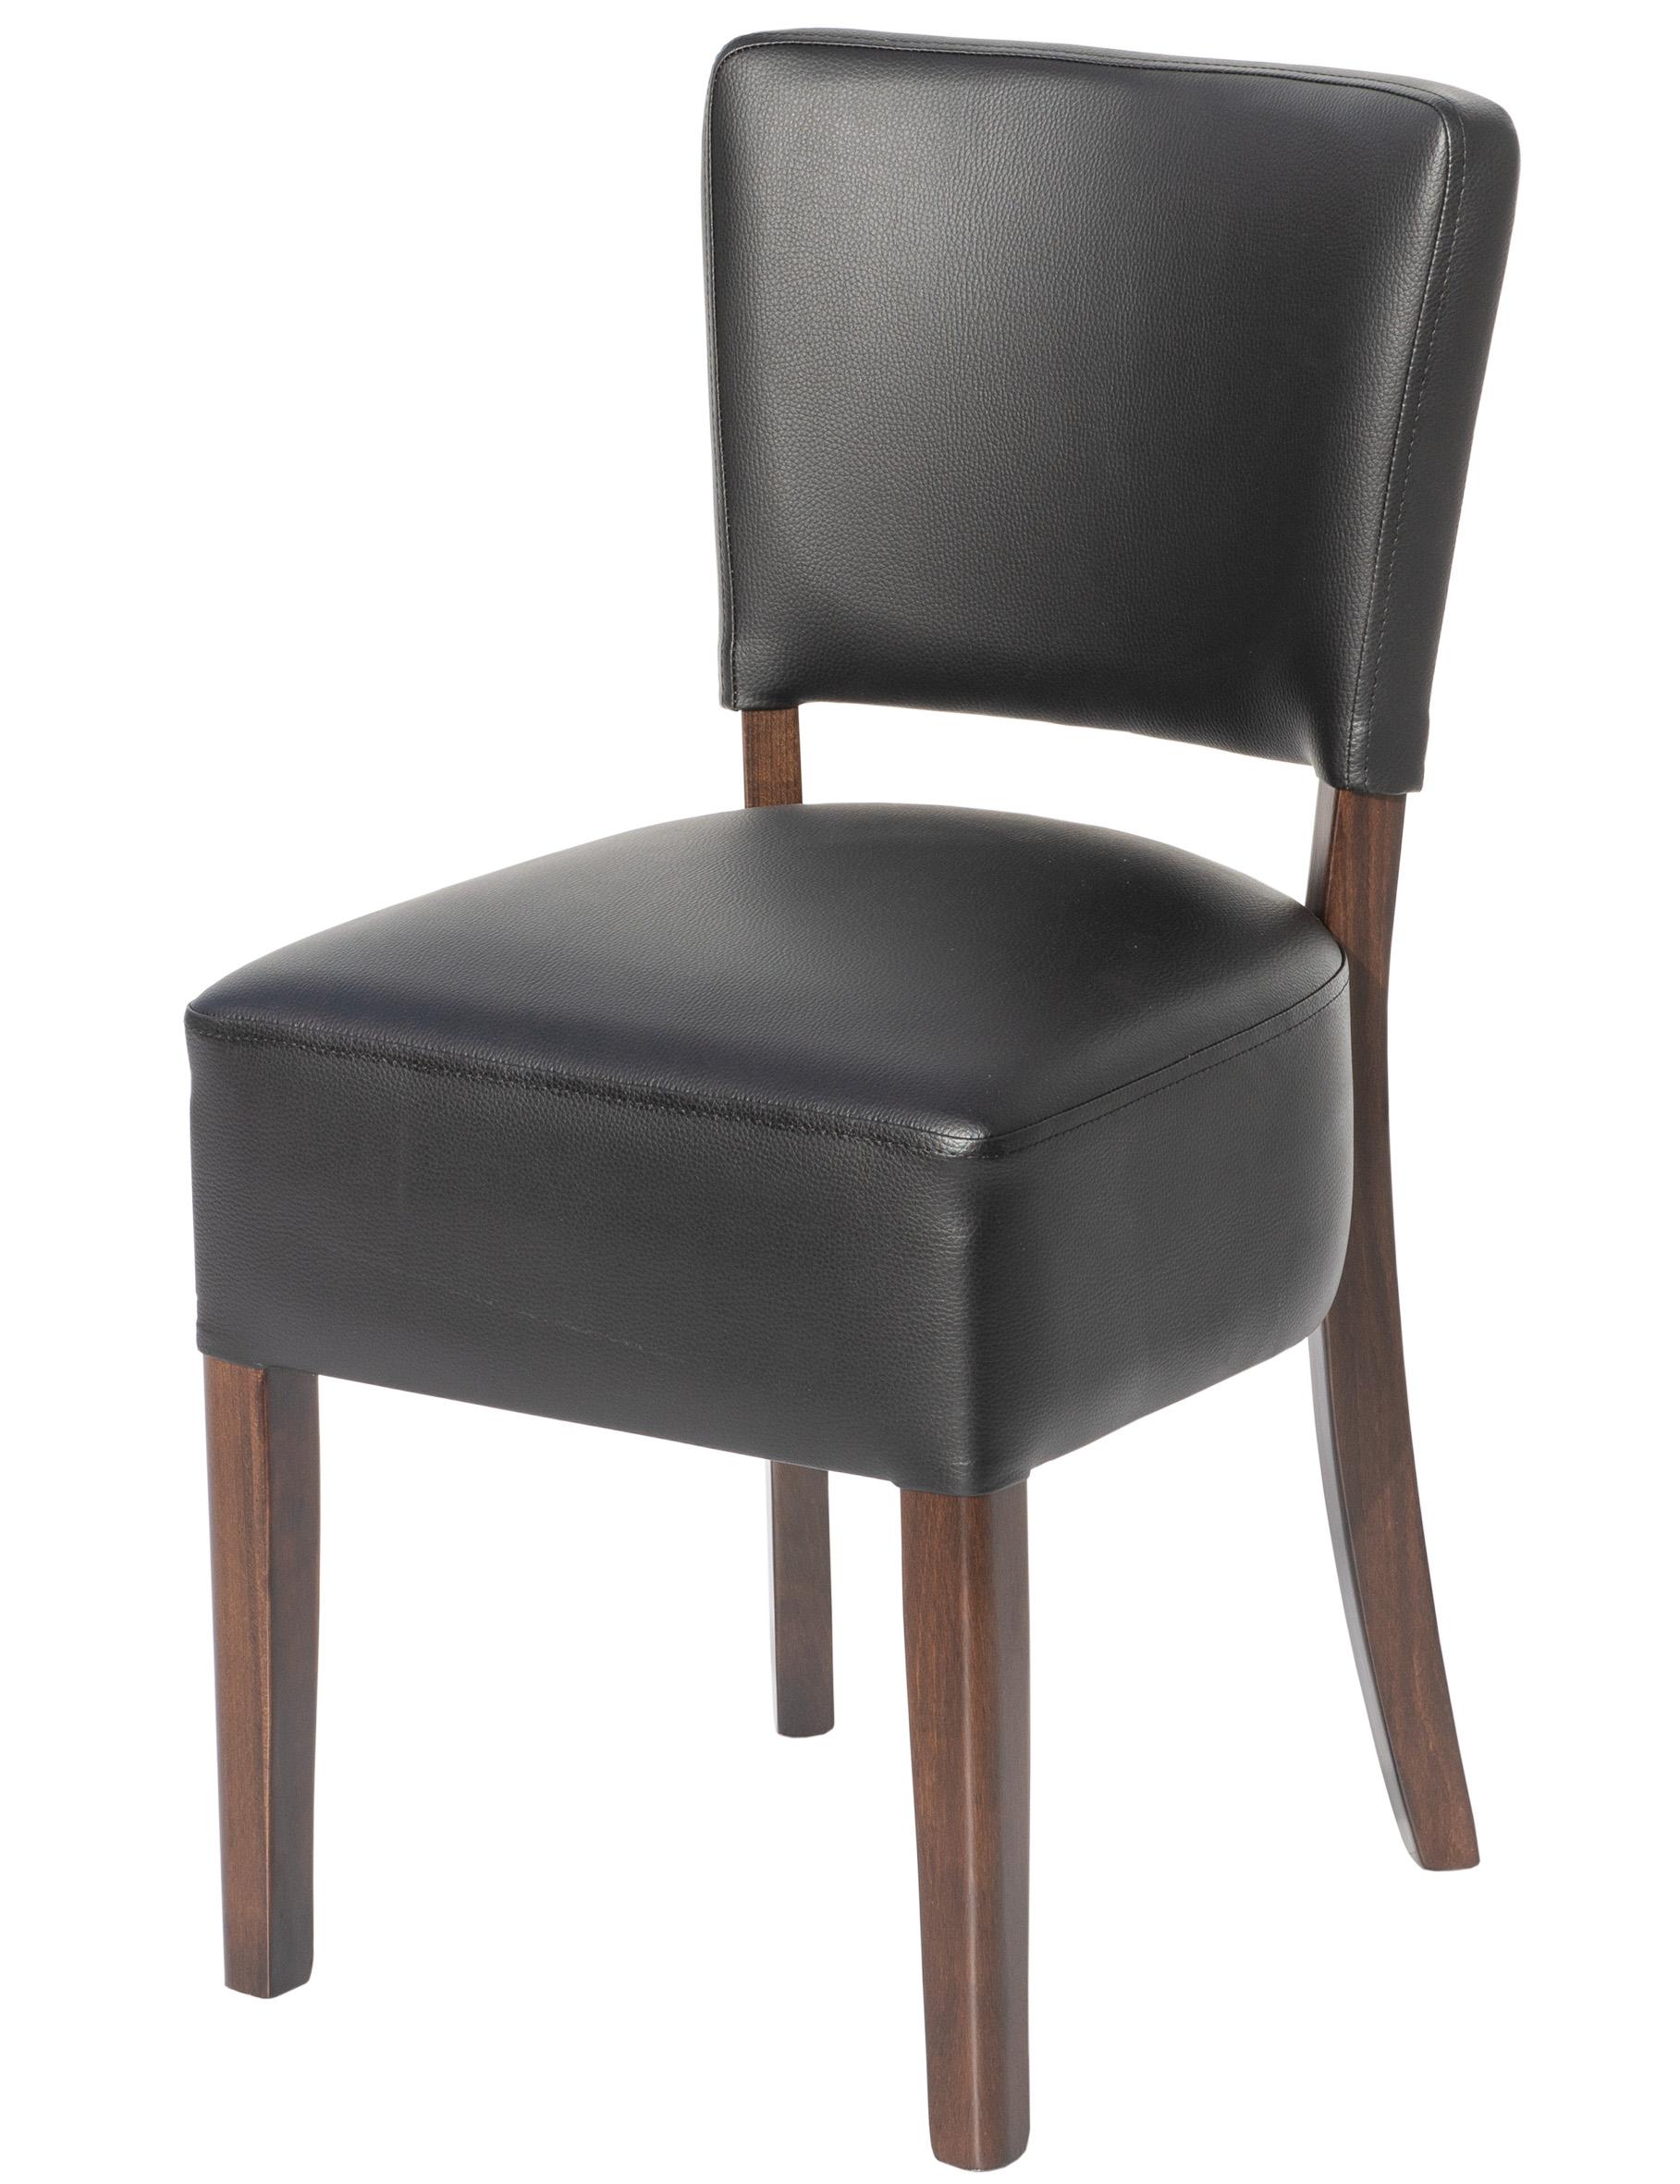 Polsterstuhl Glen Black SCHWARZ - Restaurant-Stuhl (Kunstleder Nappa, Vollpolsterung, ideal für Gastro, Esszimmer, Meeting) im Urban Stil, massiv